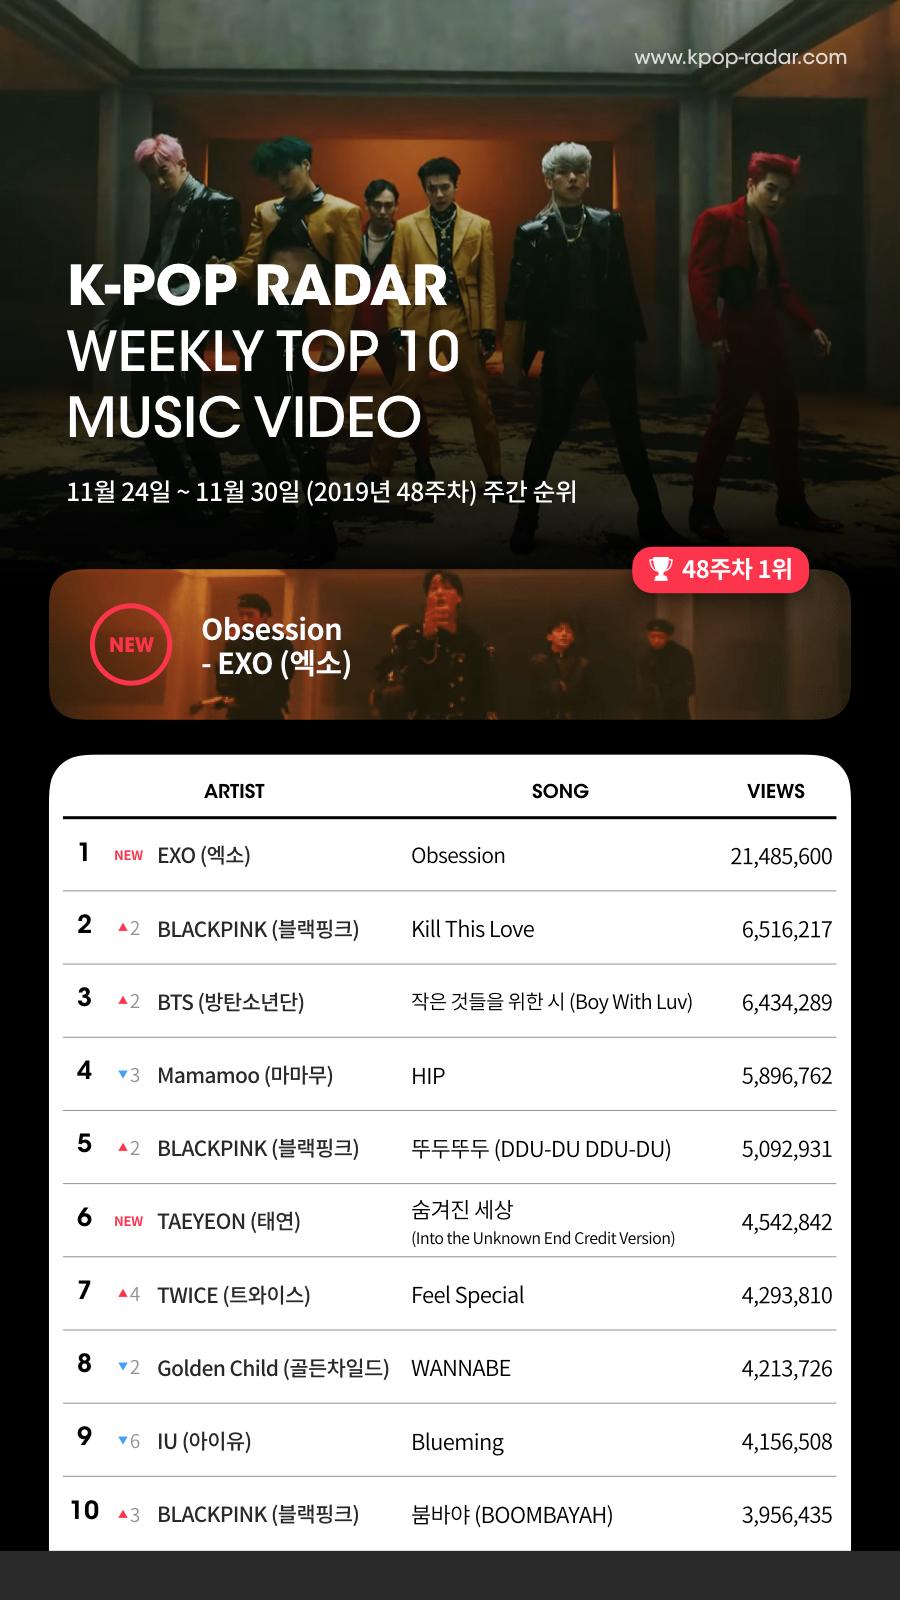 엑소, 신곡 'Obsession' 유튜브 조회수 차트 1위… 3일 만에 2100만뷰